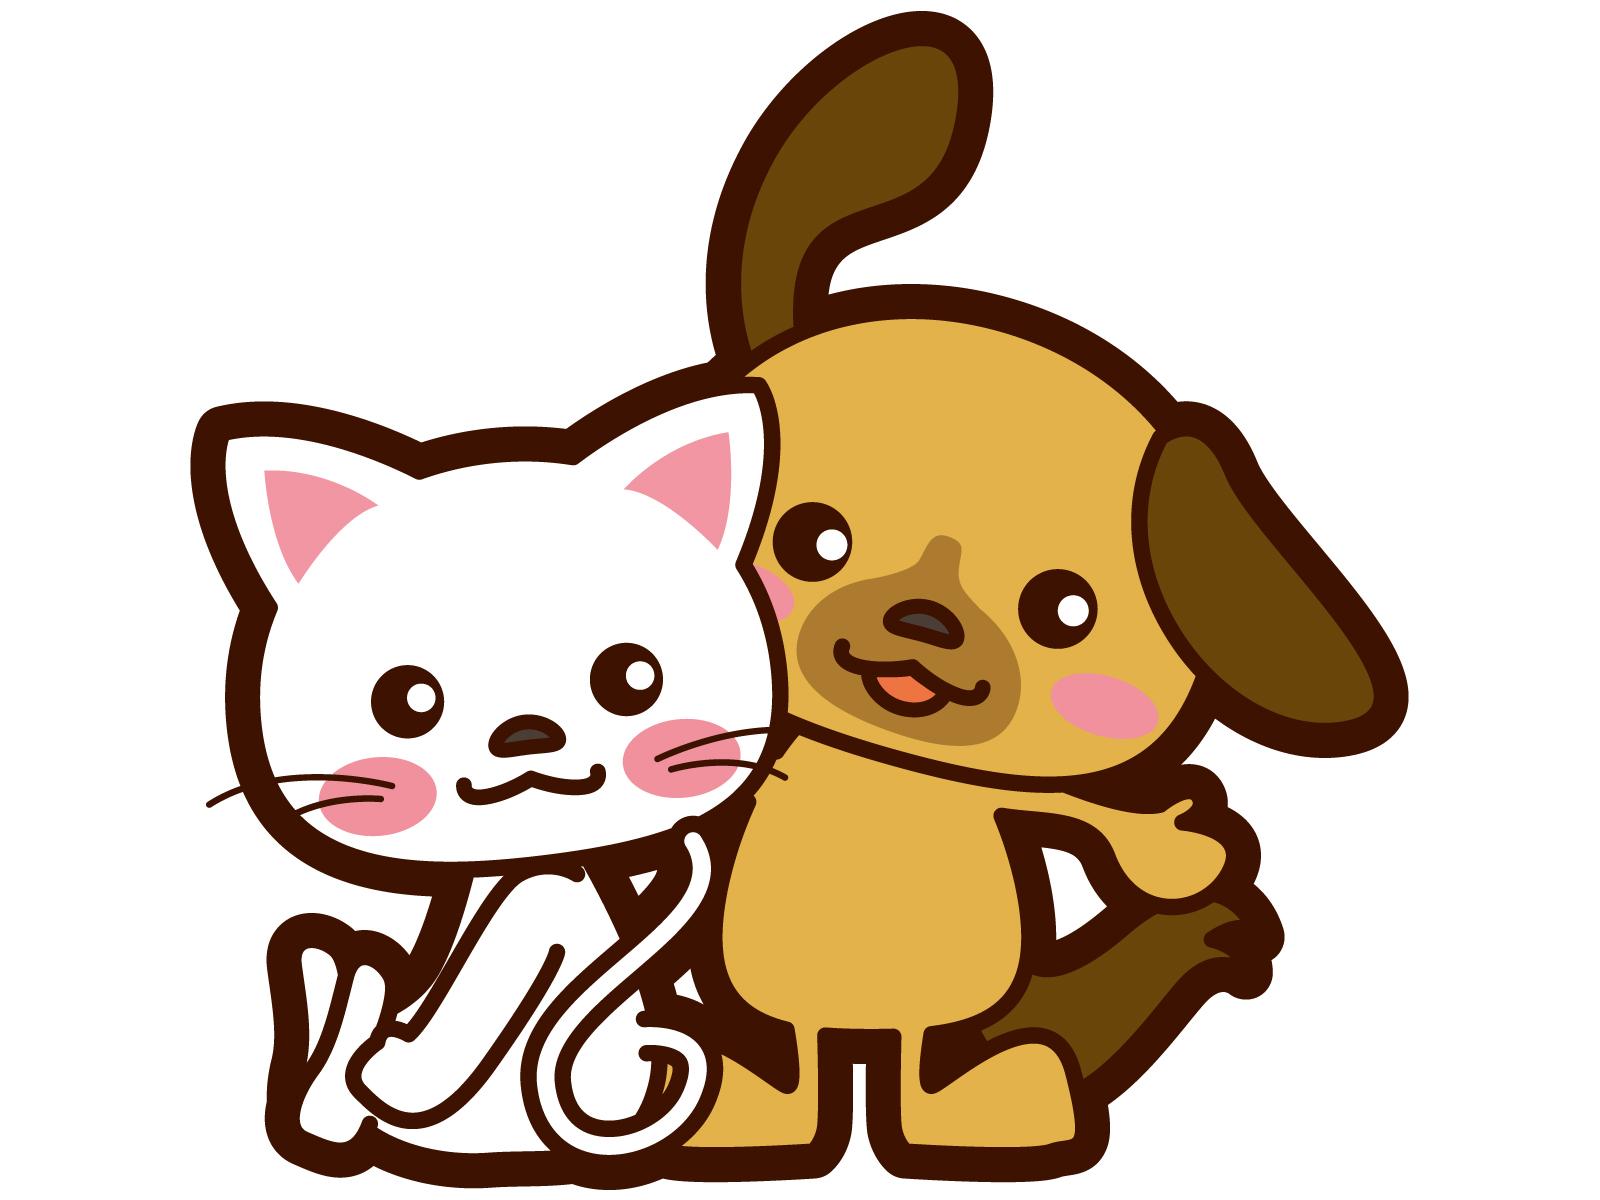 ペット用消臭剤で犬や猫と一緒にうさぎを飼っている家でも使えるものは?